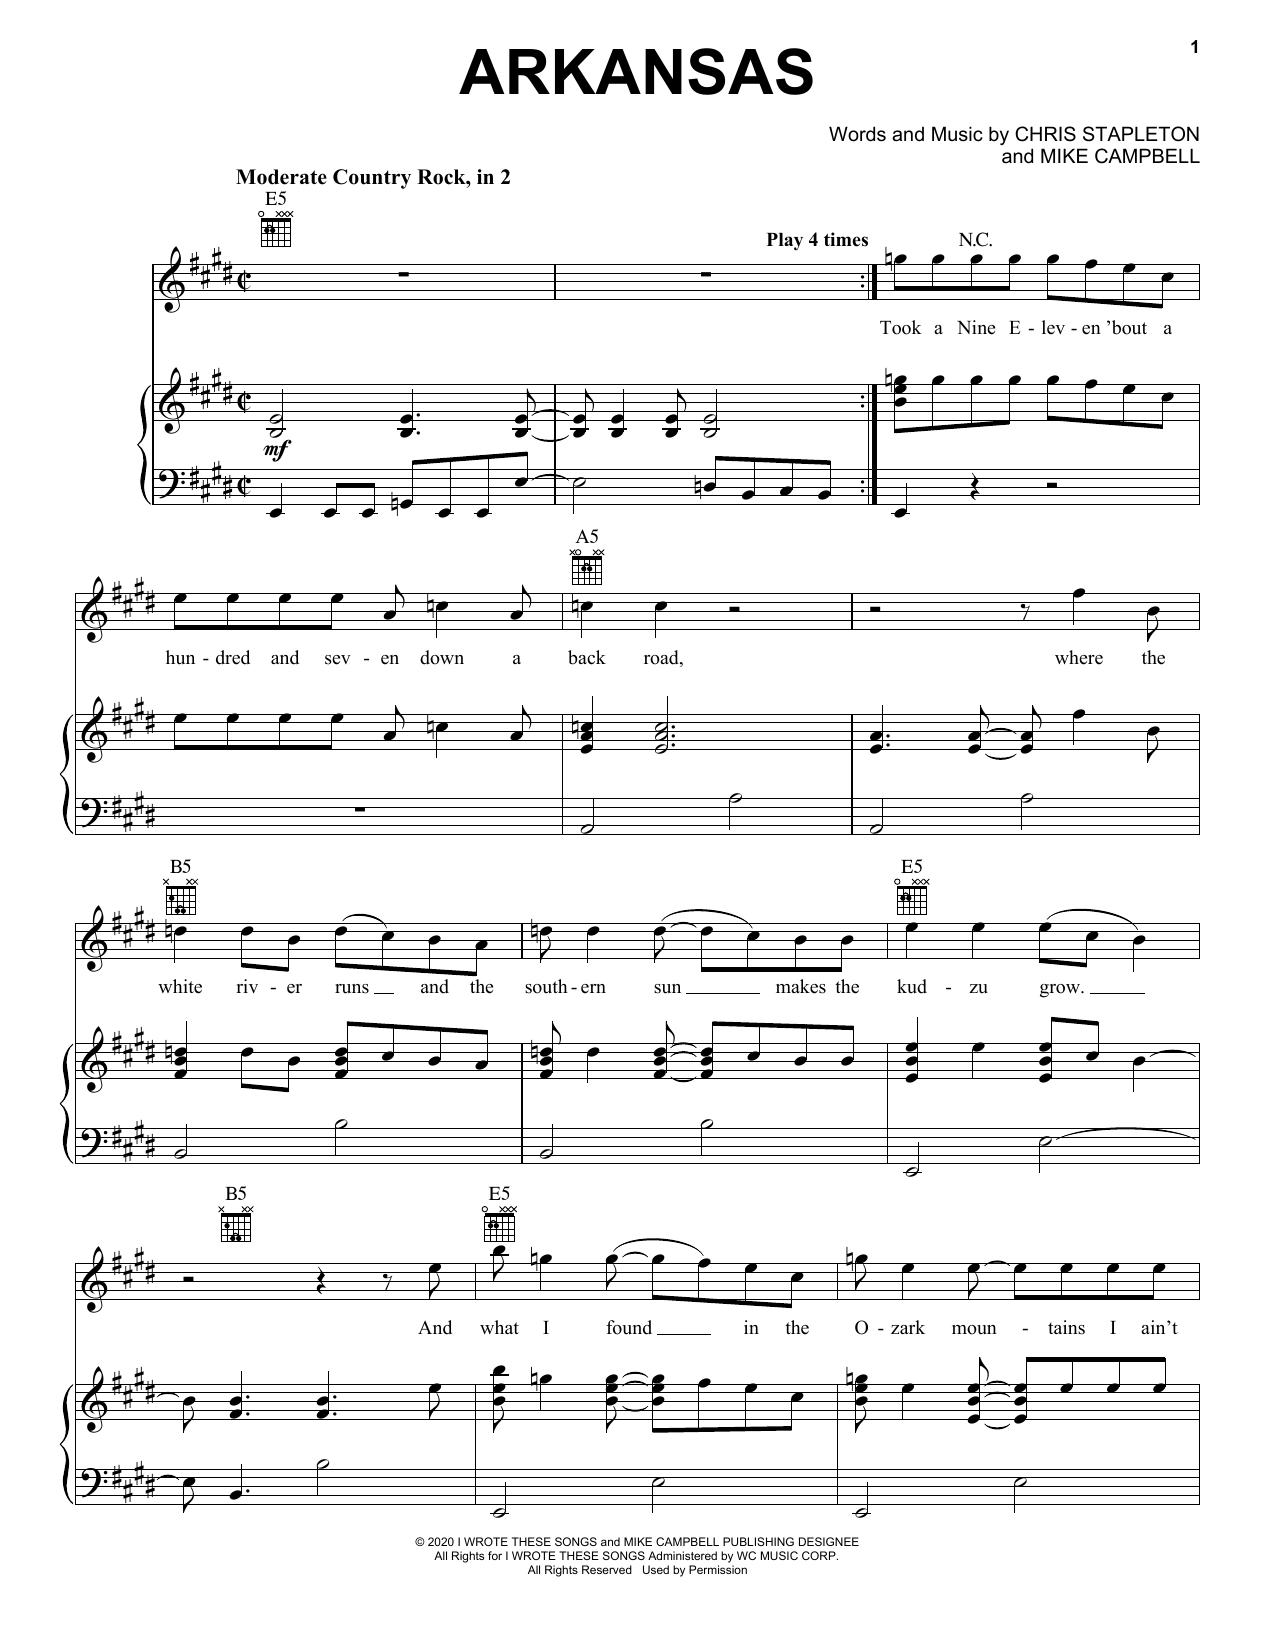 Chris Stapleton Arkansas sheet music notes and chords